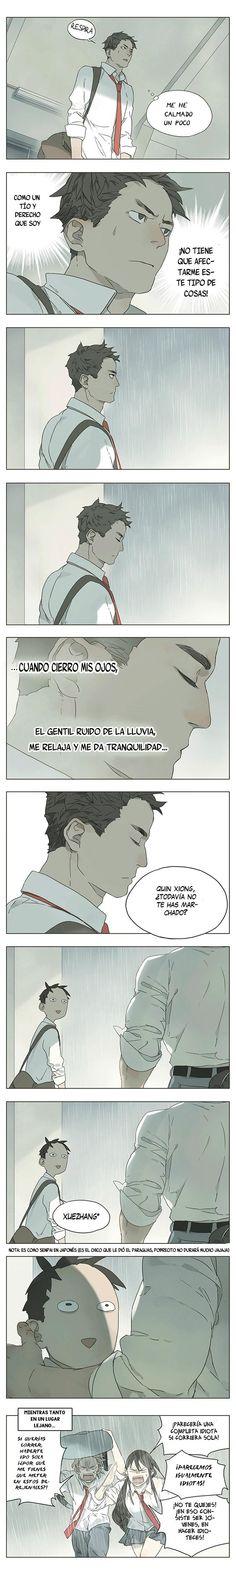 Manga Their Story Capítulo 4 Página 13